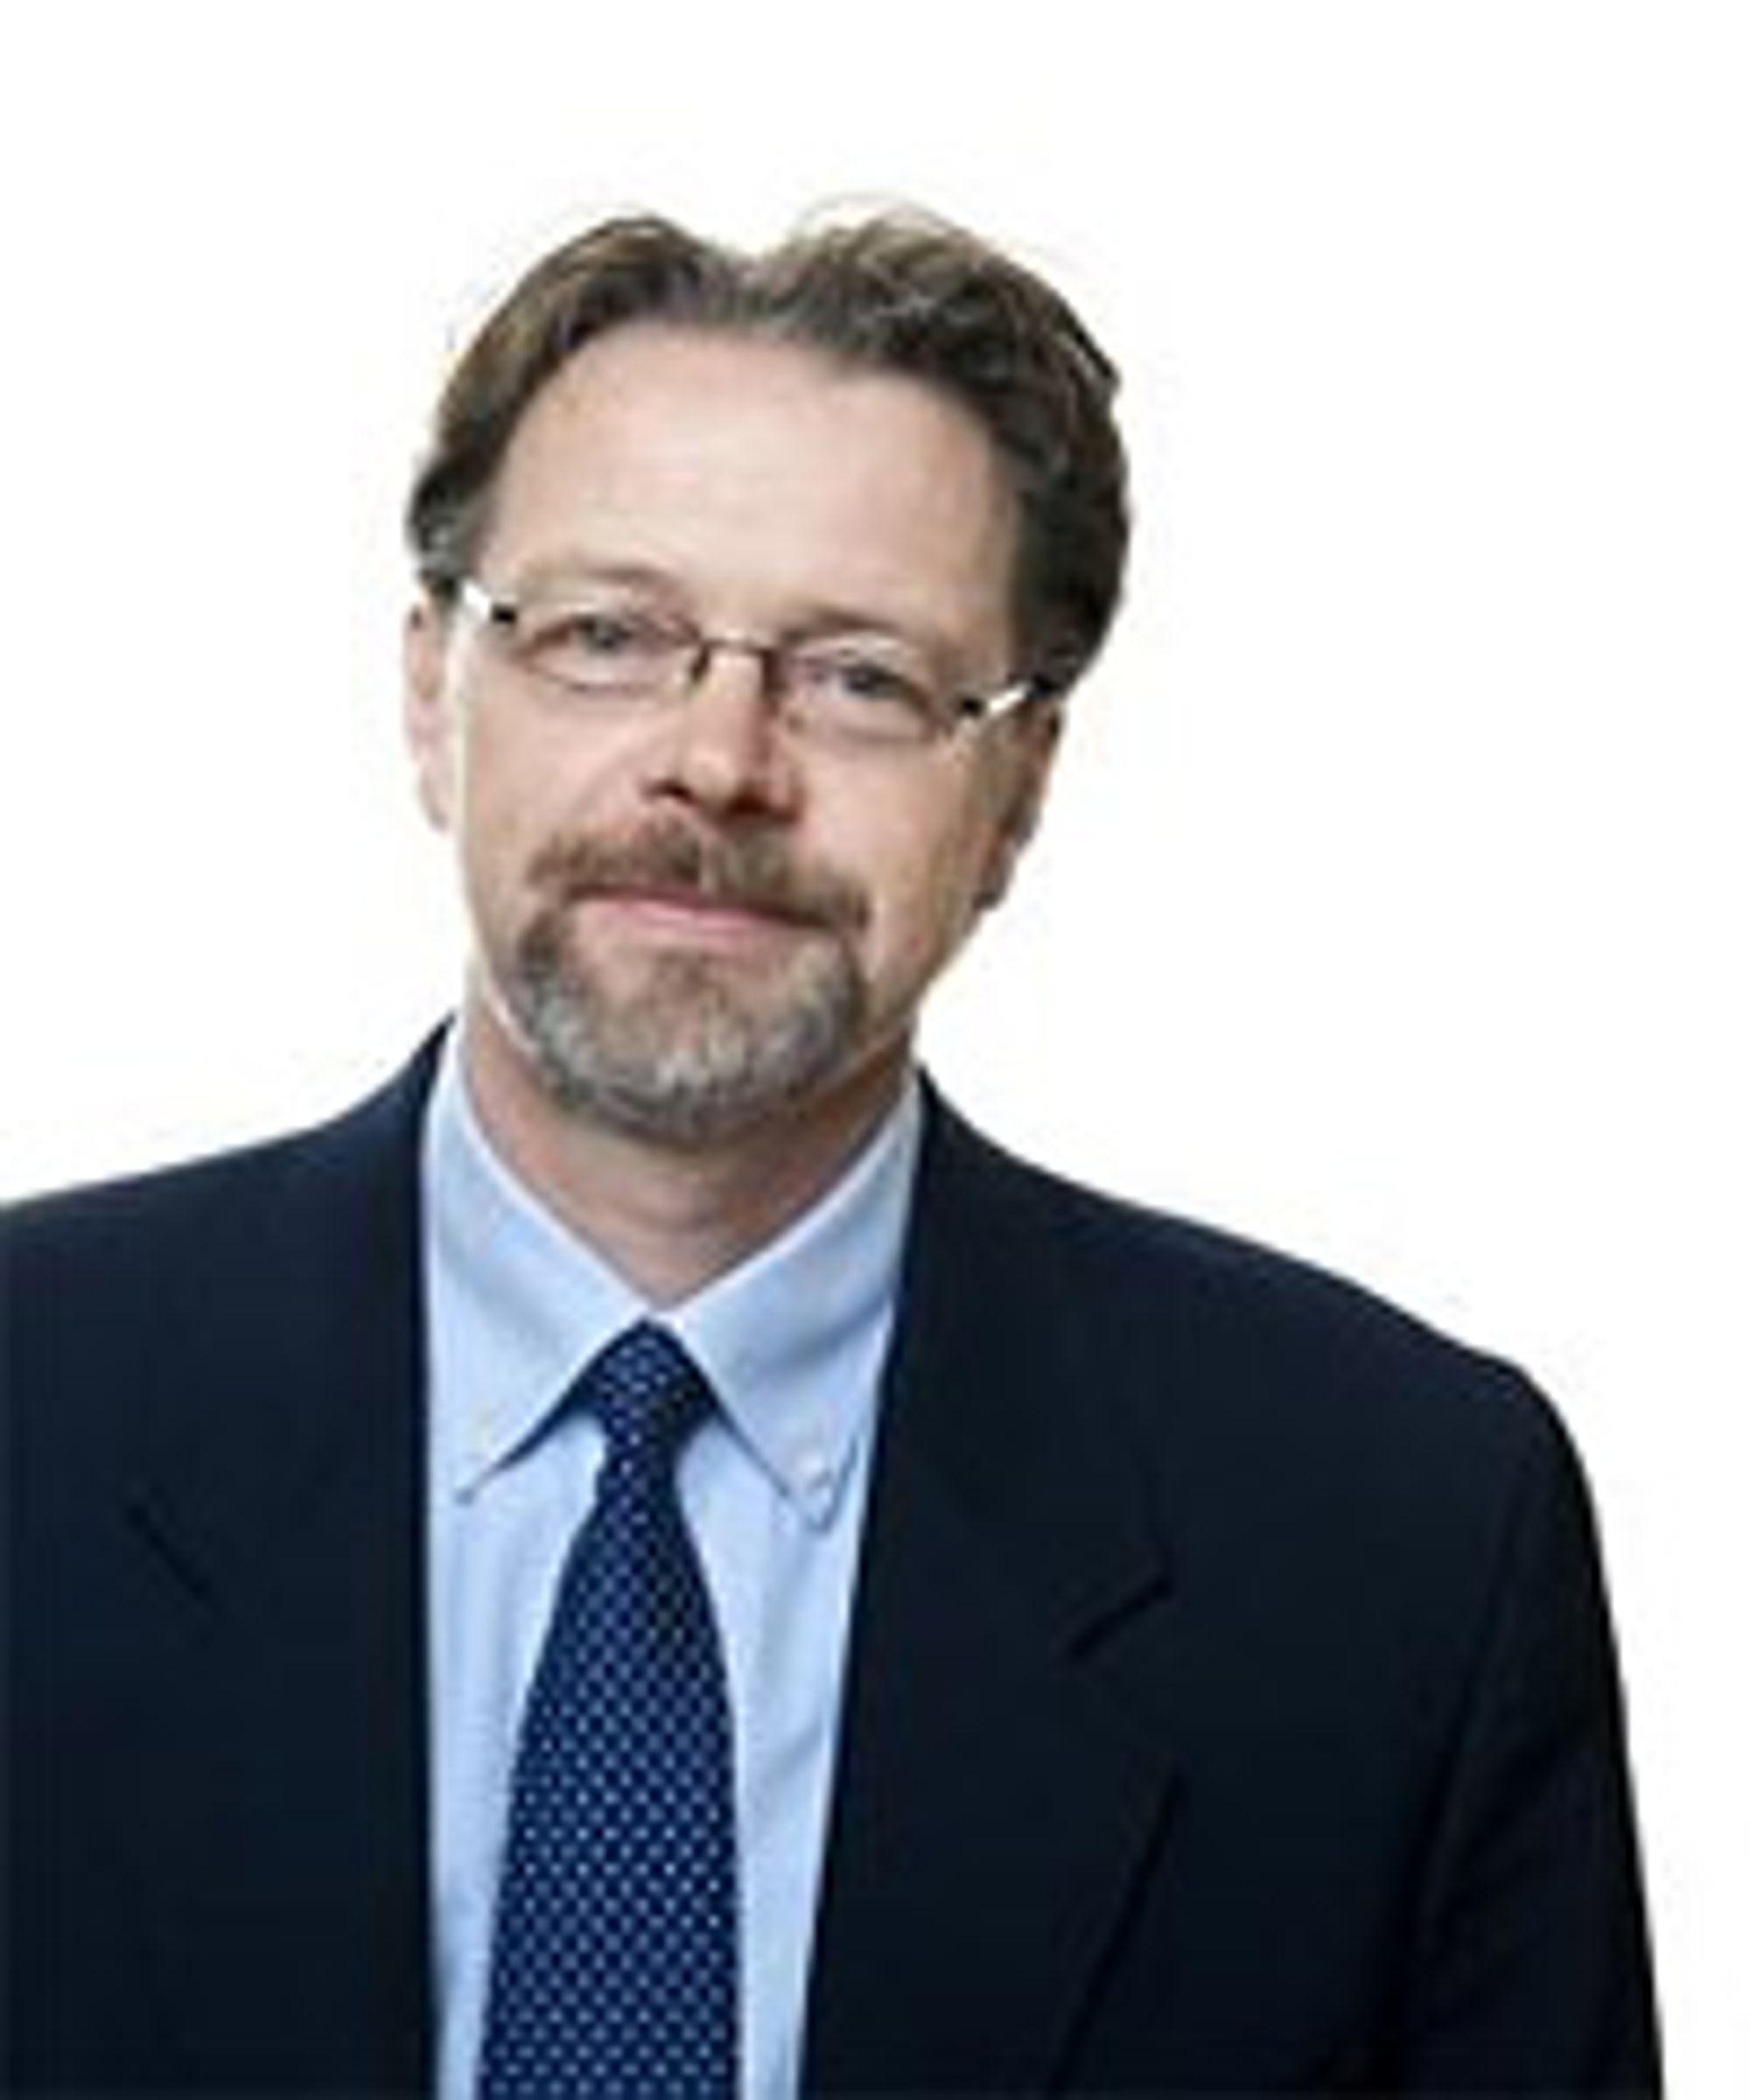 Atle Årnes, senioringeniør i Datatilsynet